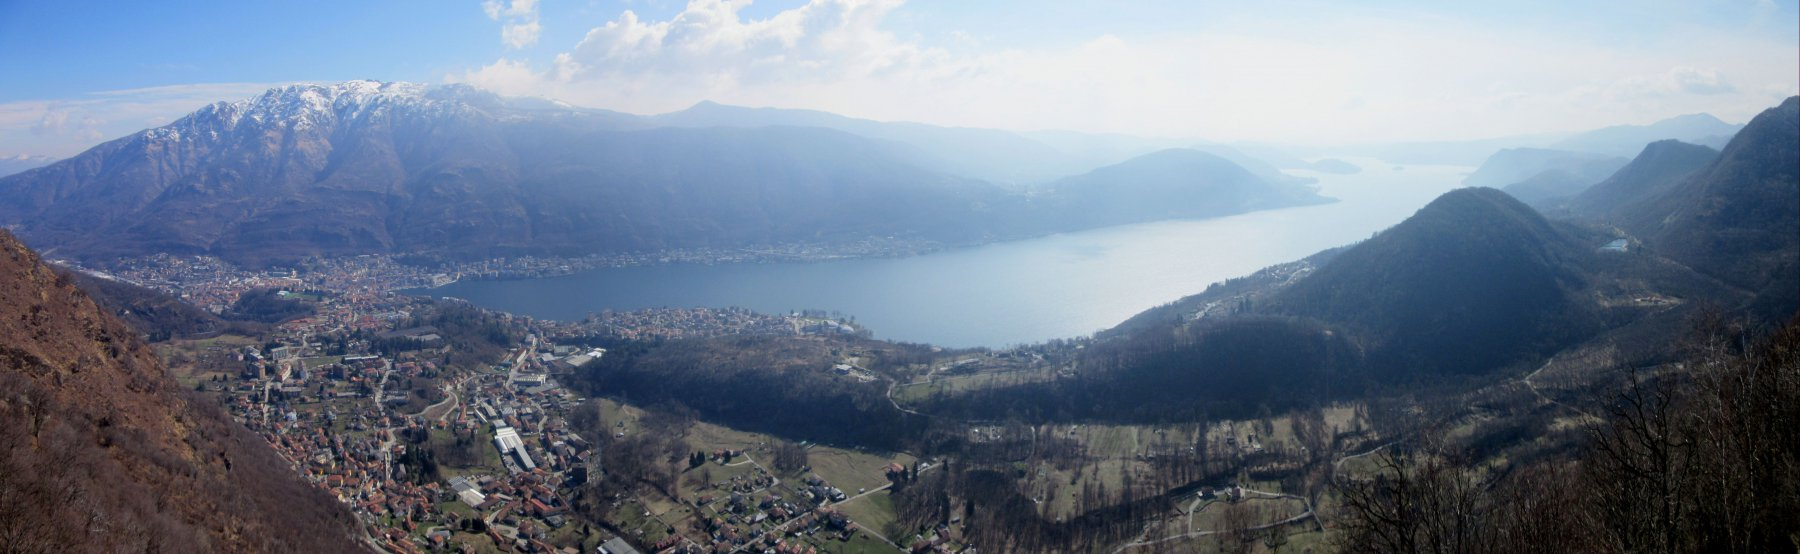 Spettacolare vista sul Lago d'Orta dal punto panoramico a Quarna Sopra